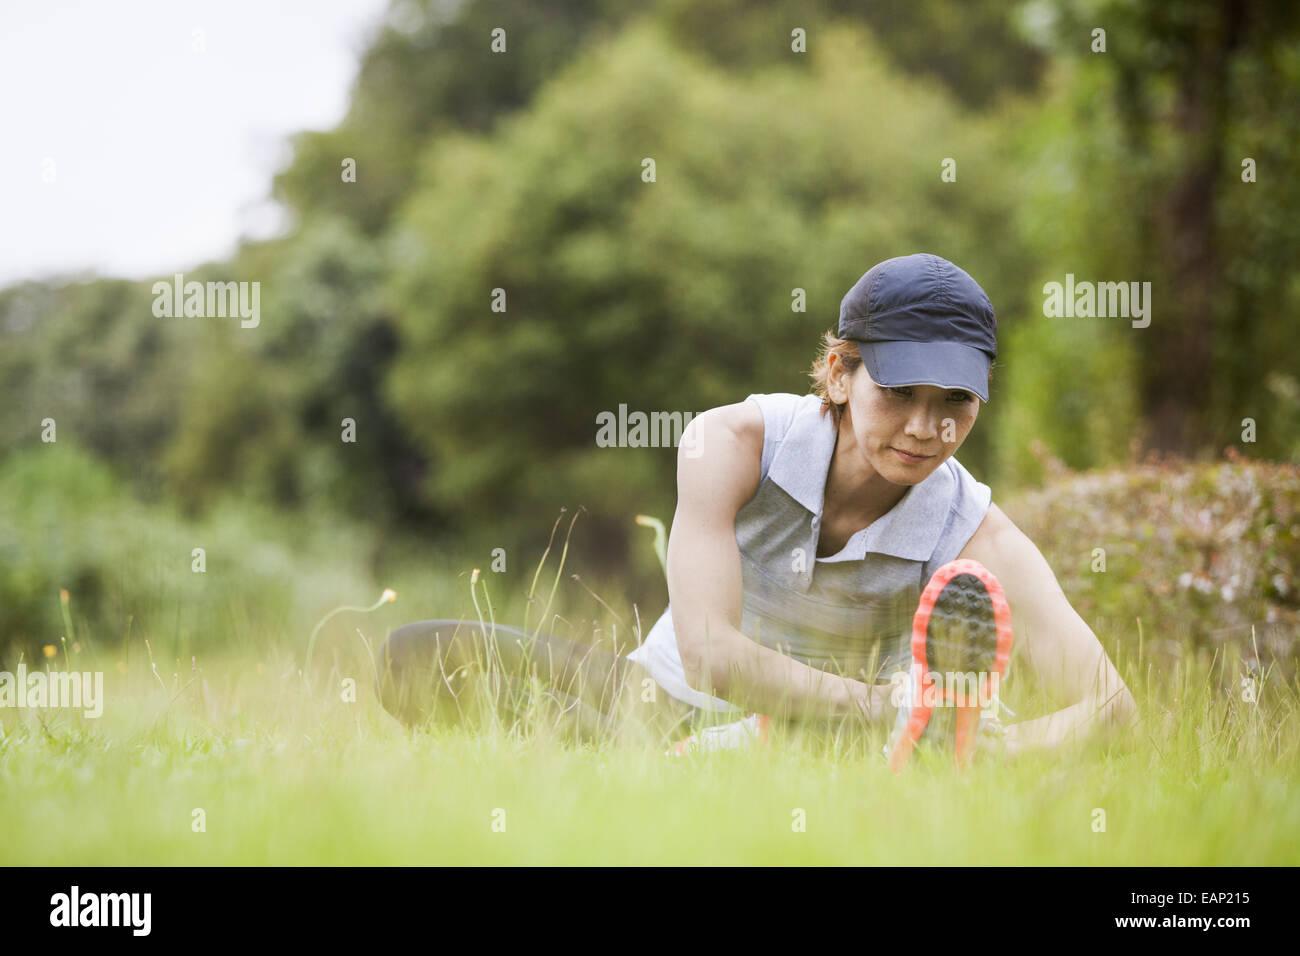 Eine Frau, die Vorbereitung für Bewegung in der Natur, dehnen. Stockbild